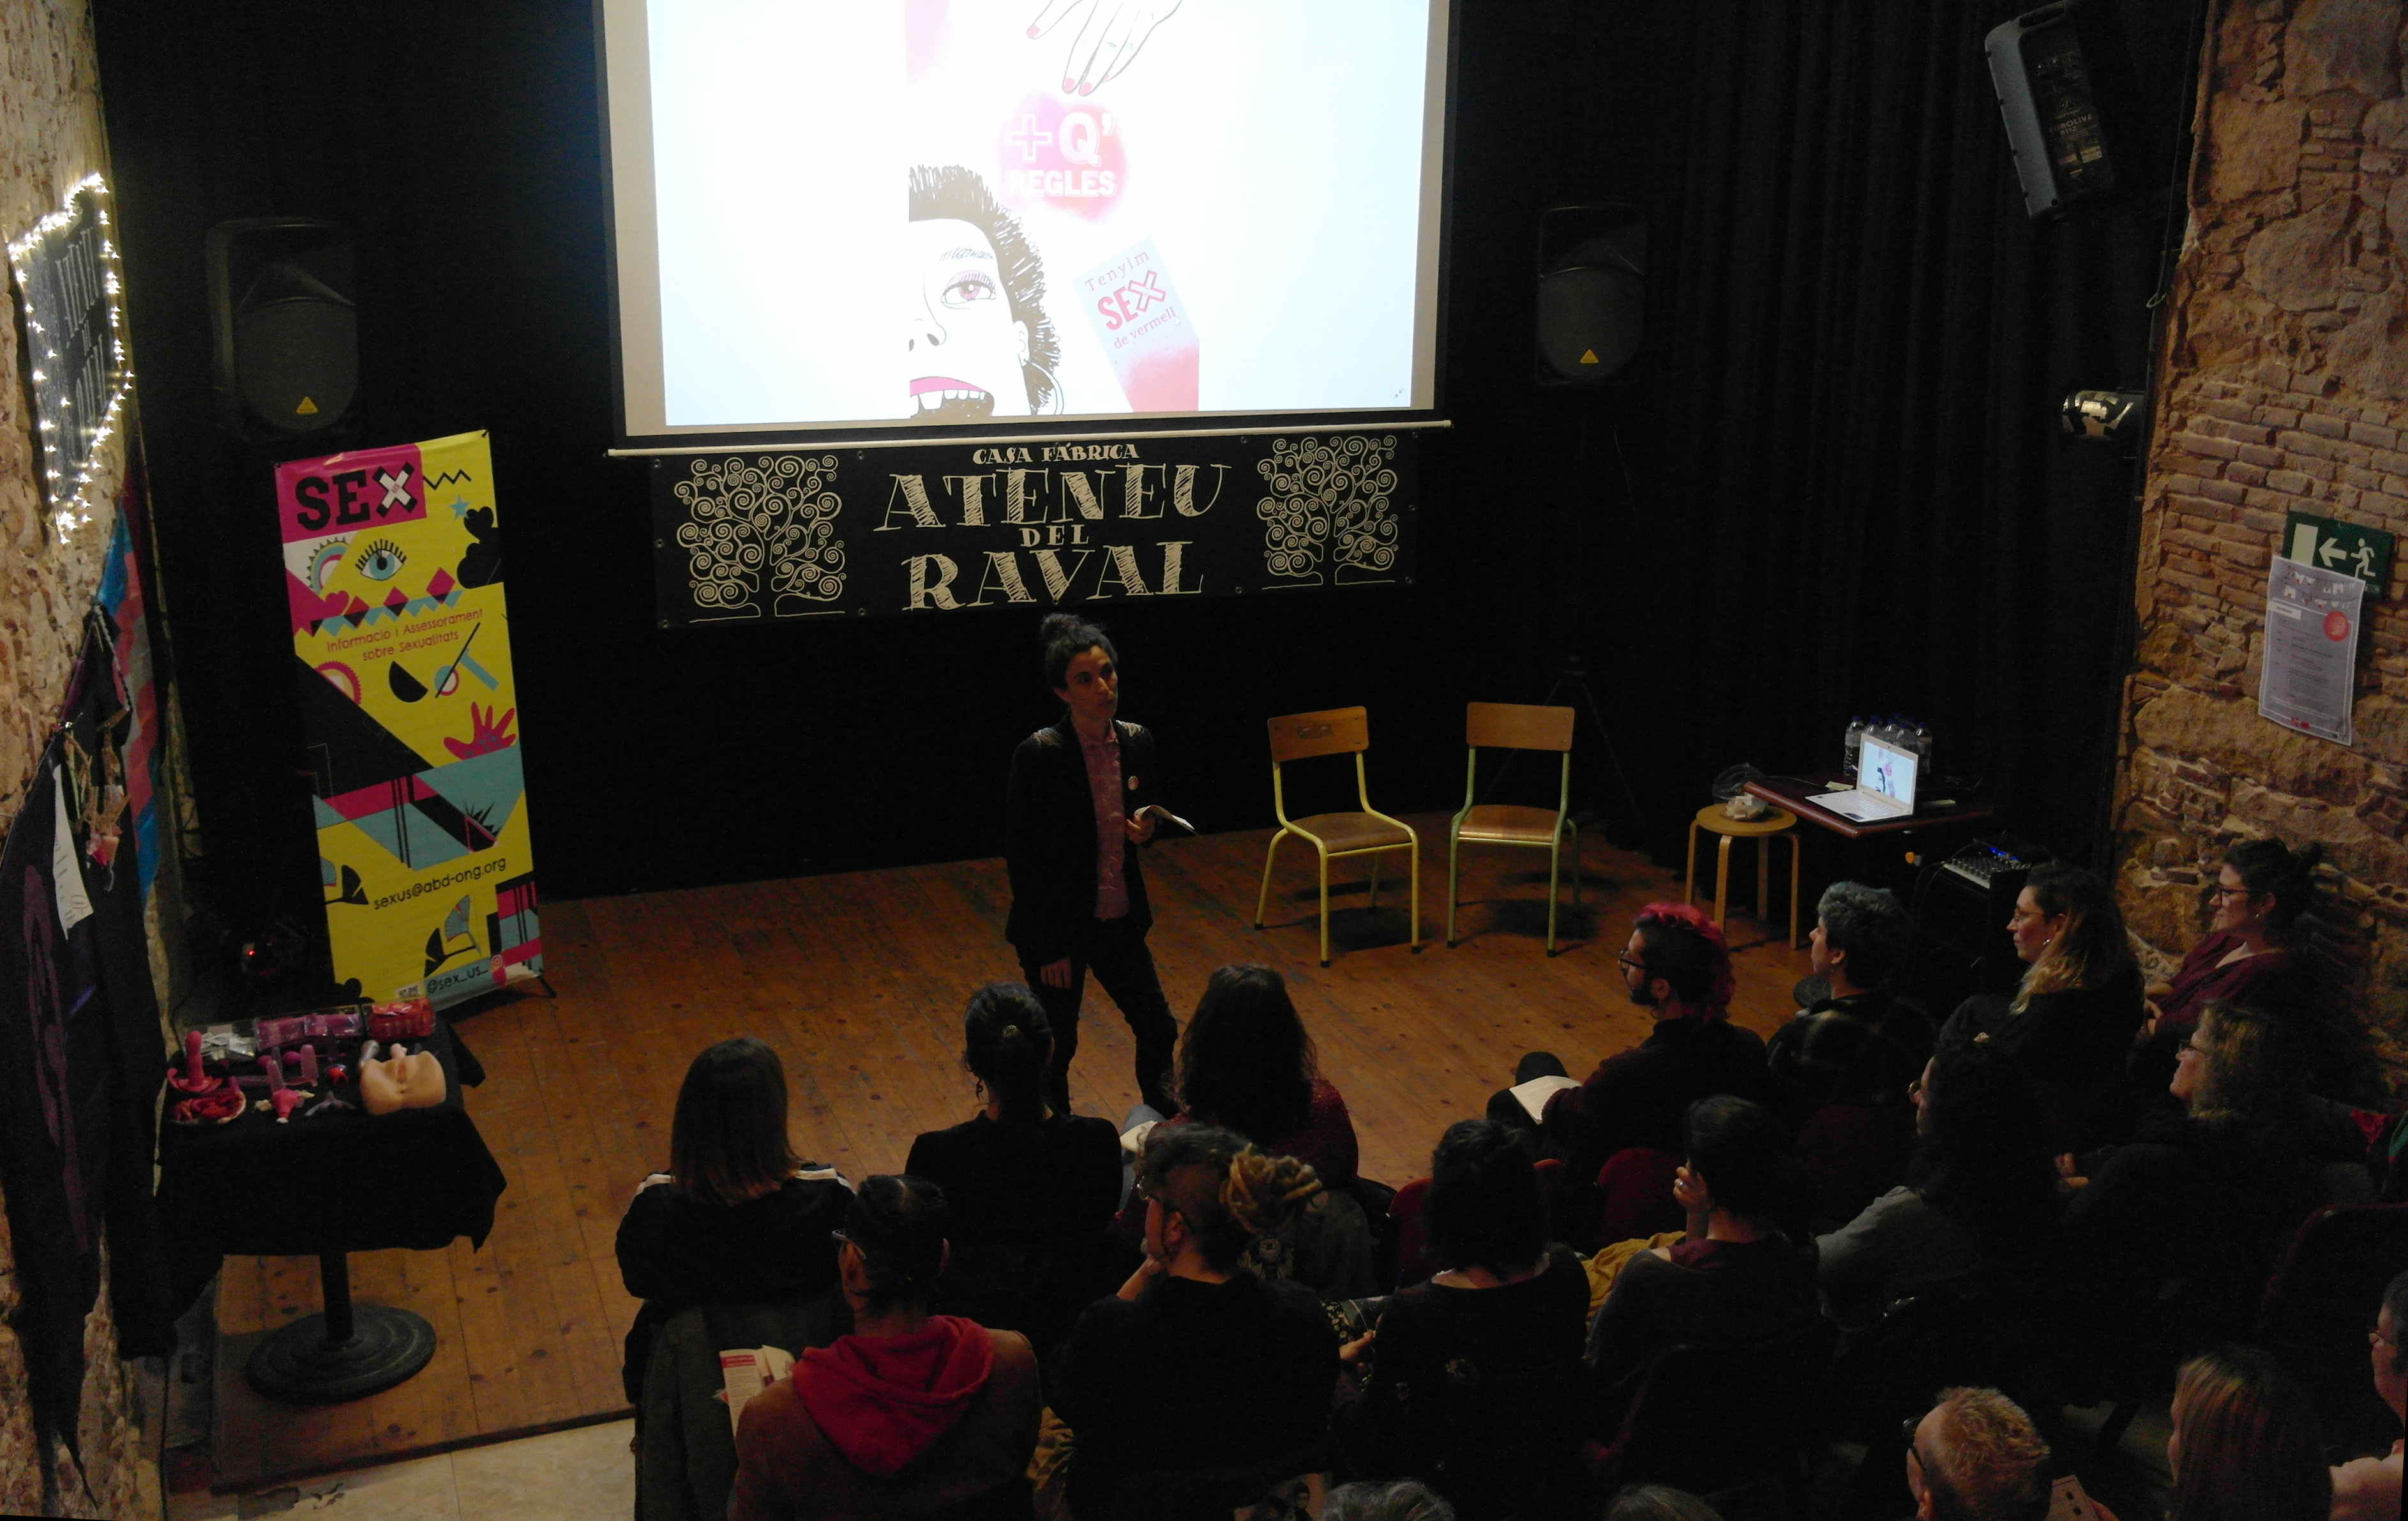 La campaña '+ Q Reglas' de Sexus se estrena en el Ateneu del Raval con un debate y una improvisación teatral alrededor de la menstruación